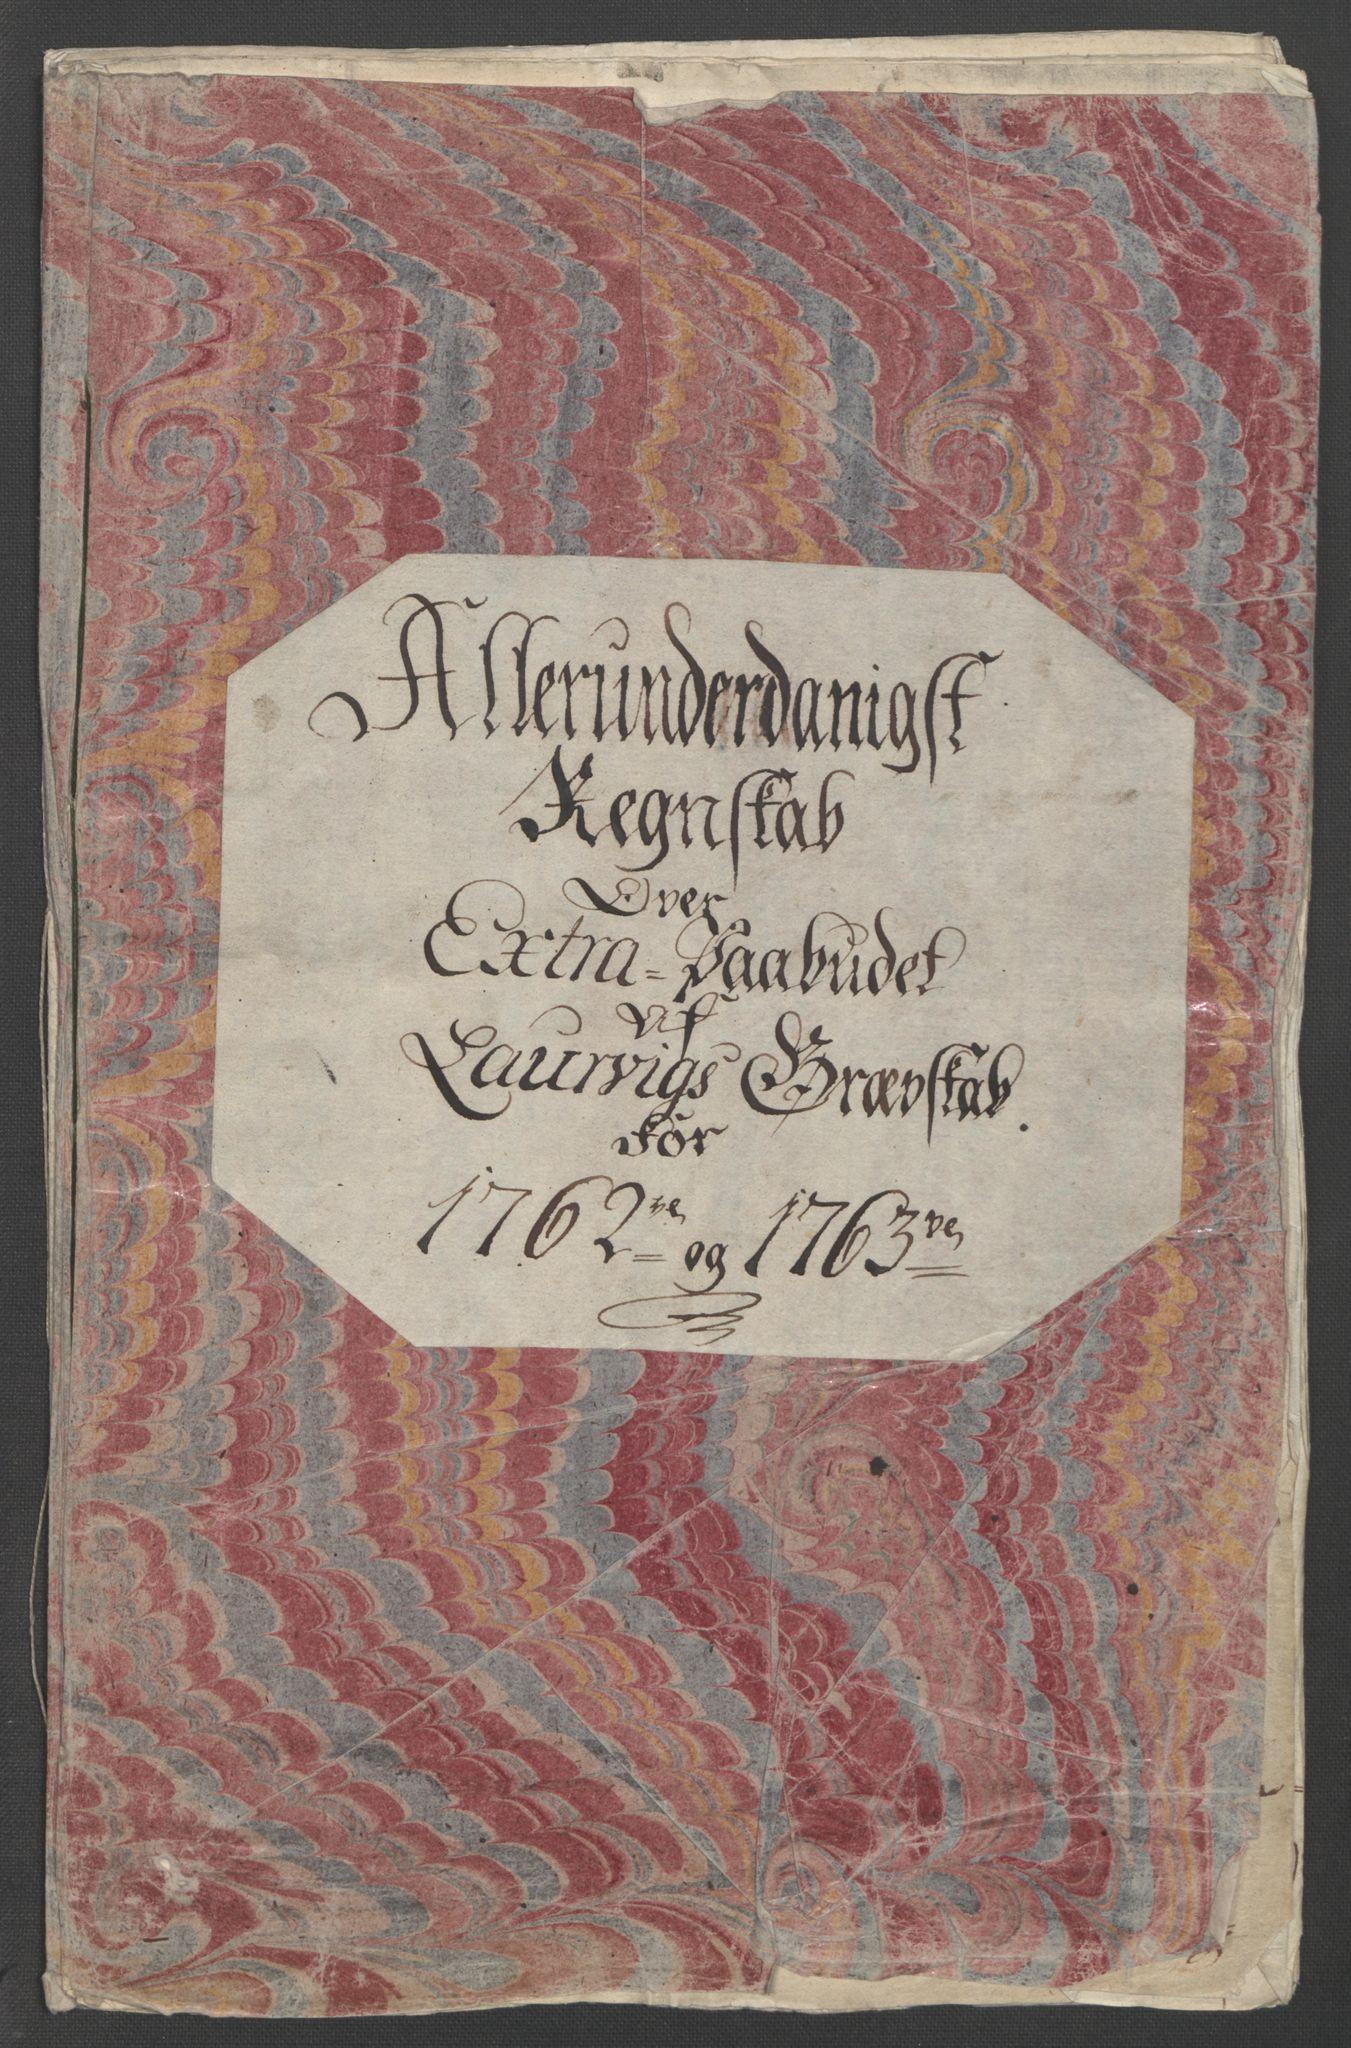 RA, Rentekammeret inntil 1814, Reviderte regnskaper, Fogderegnskap, R33/L2033: Ekstraskatten Larvik grevskap, 1762-1764, s. 4